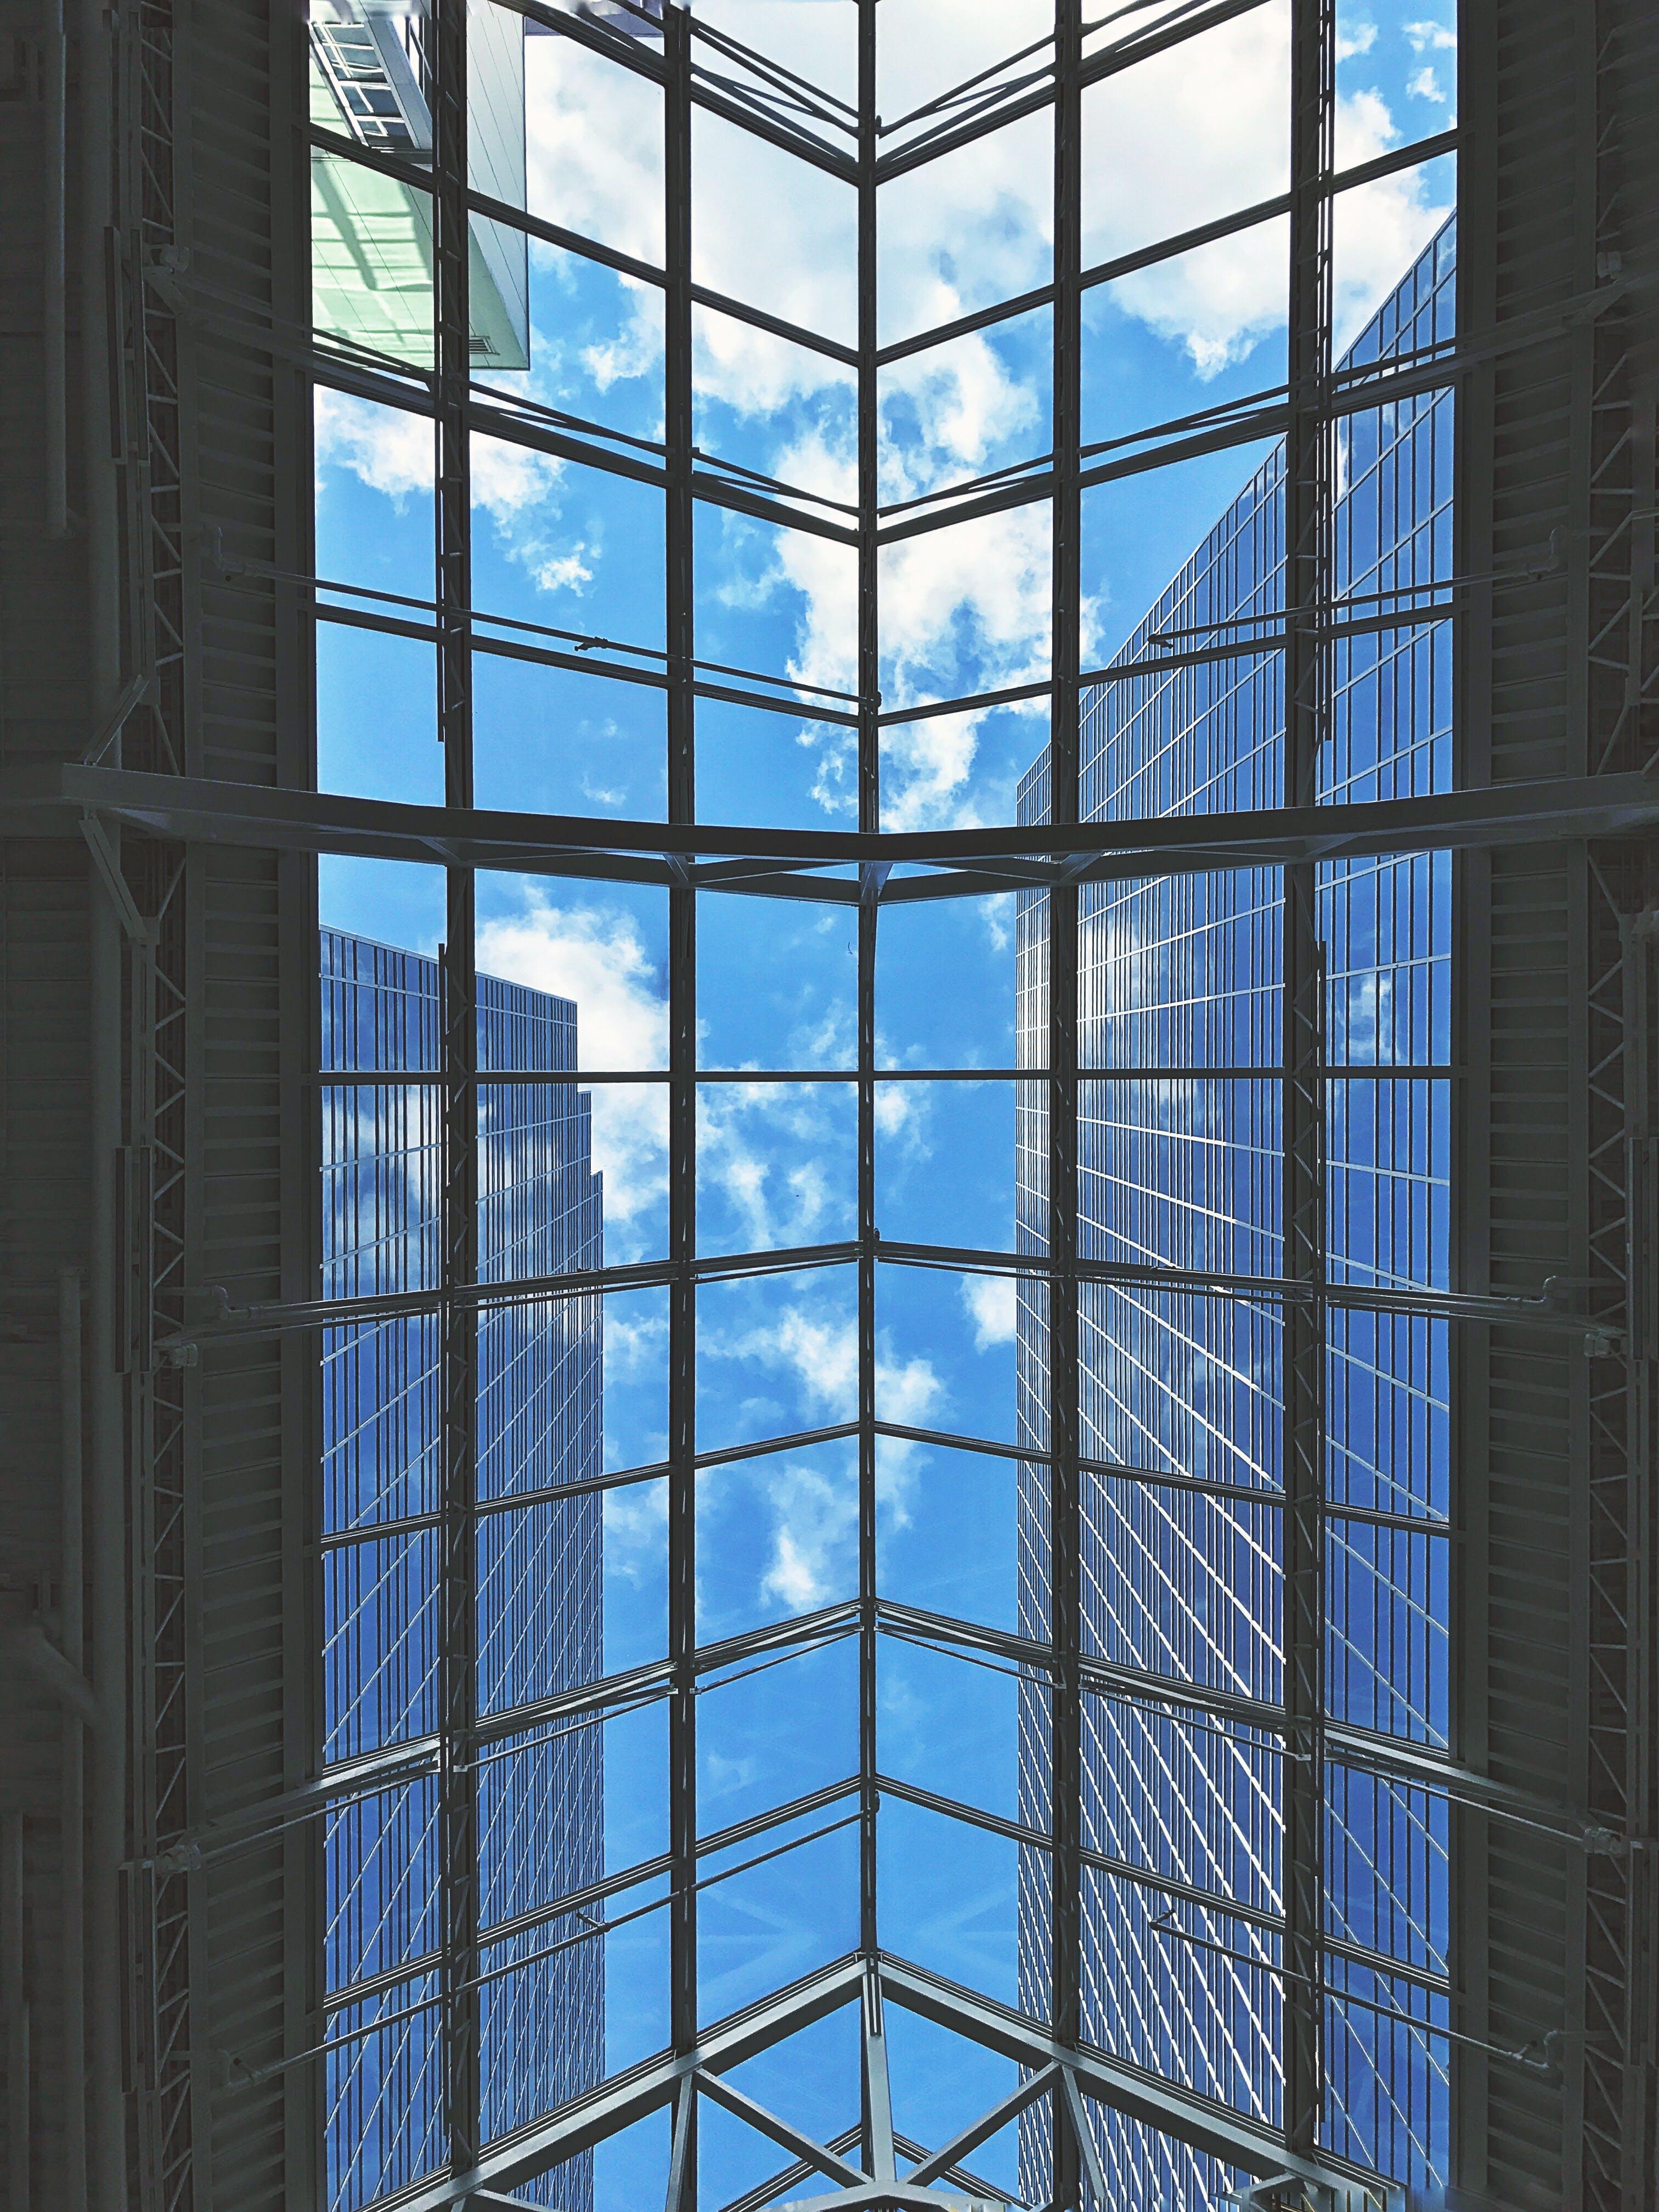 Kostenloses Stock Foto zu architektonisch, architekturdesign, aufnahme von unten, aussicht